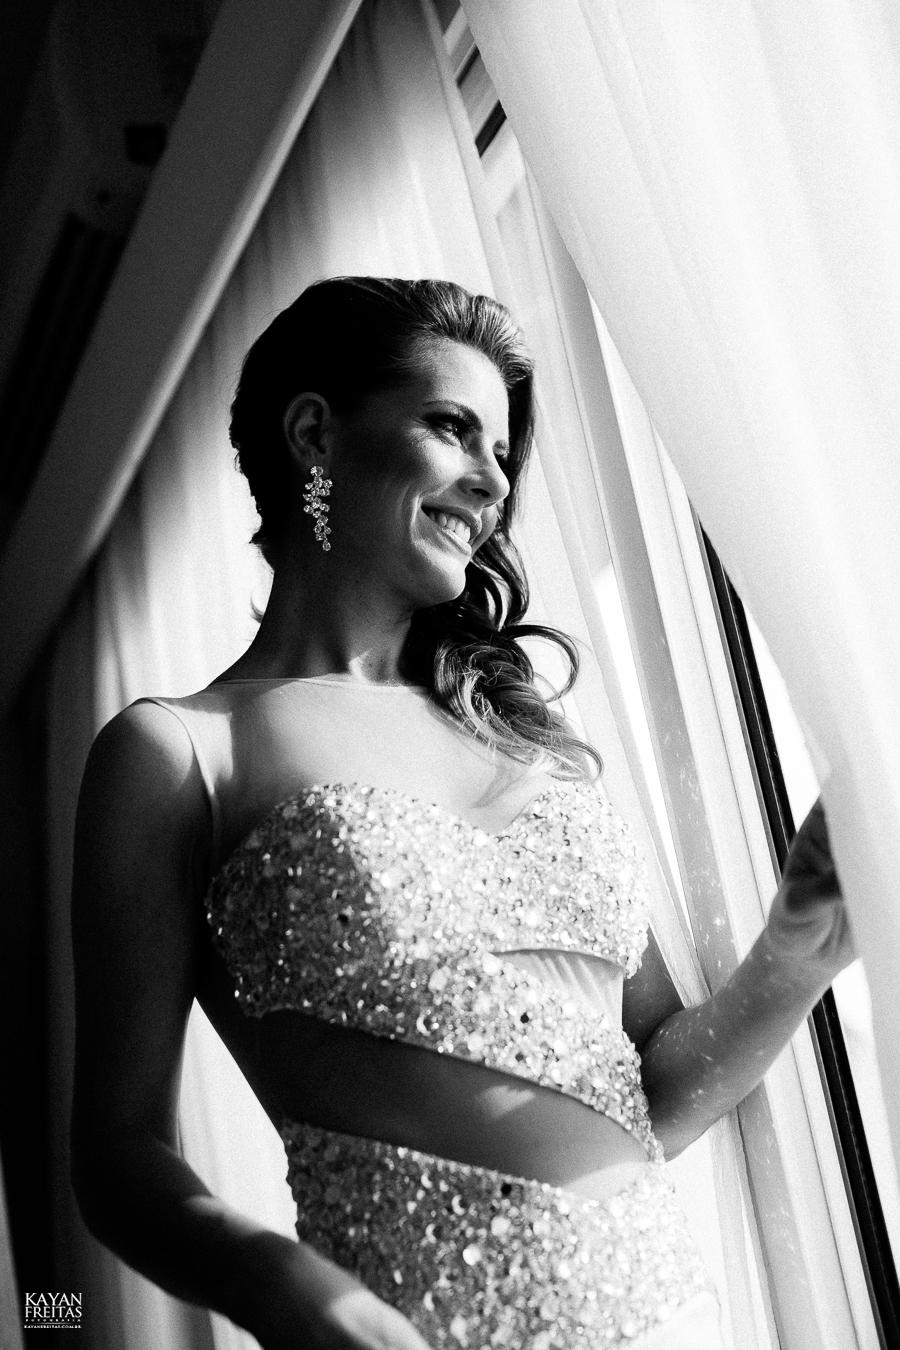 fotografo-casamento-florianopolis-jeg-0040